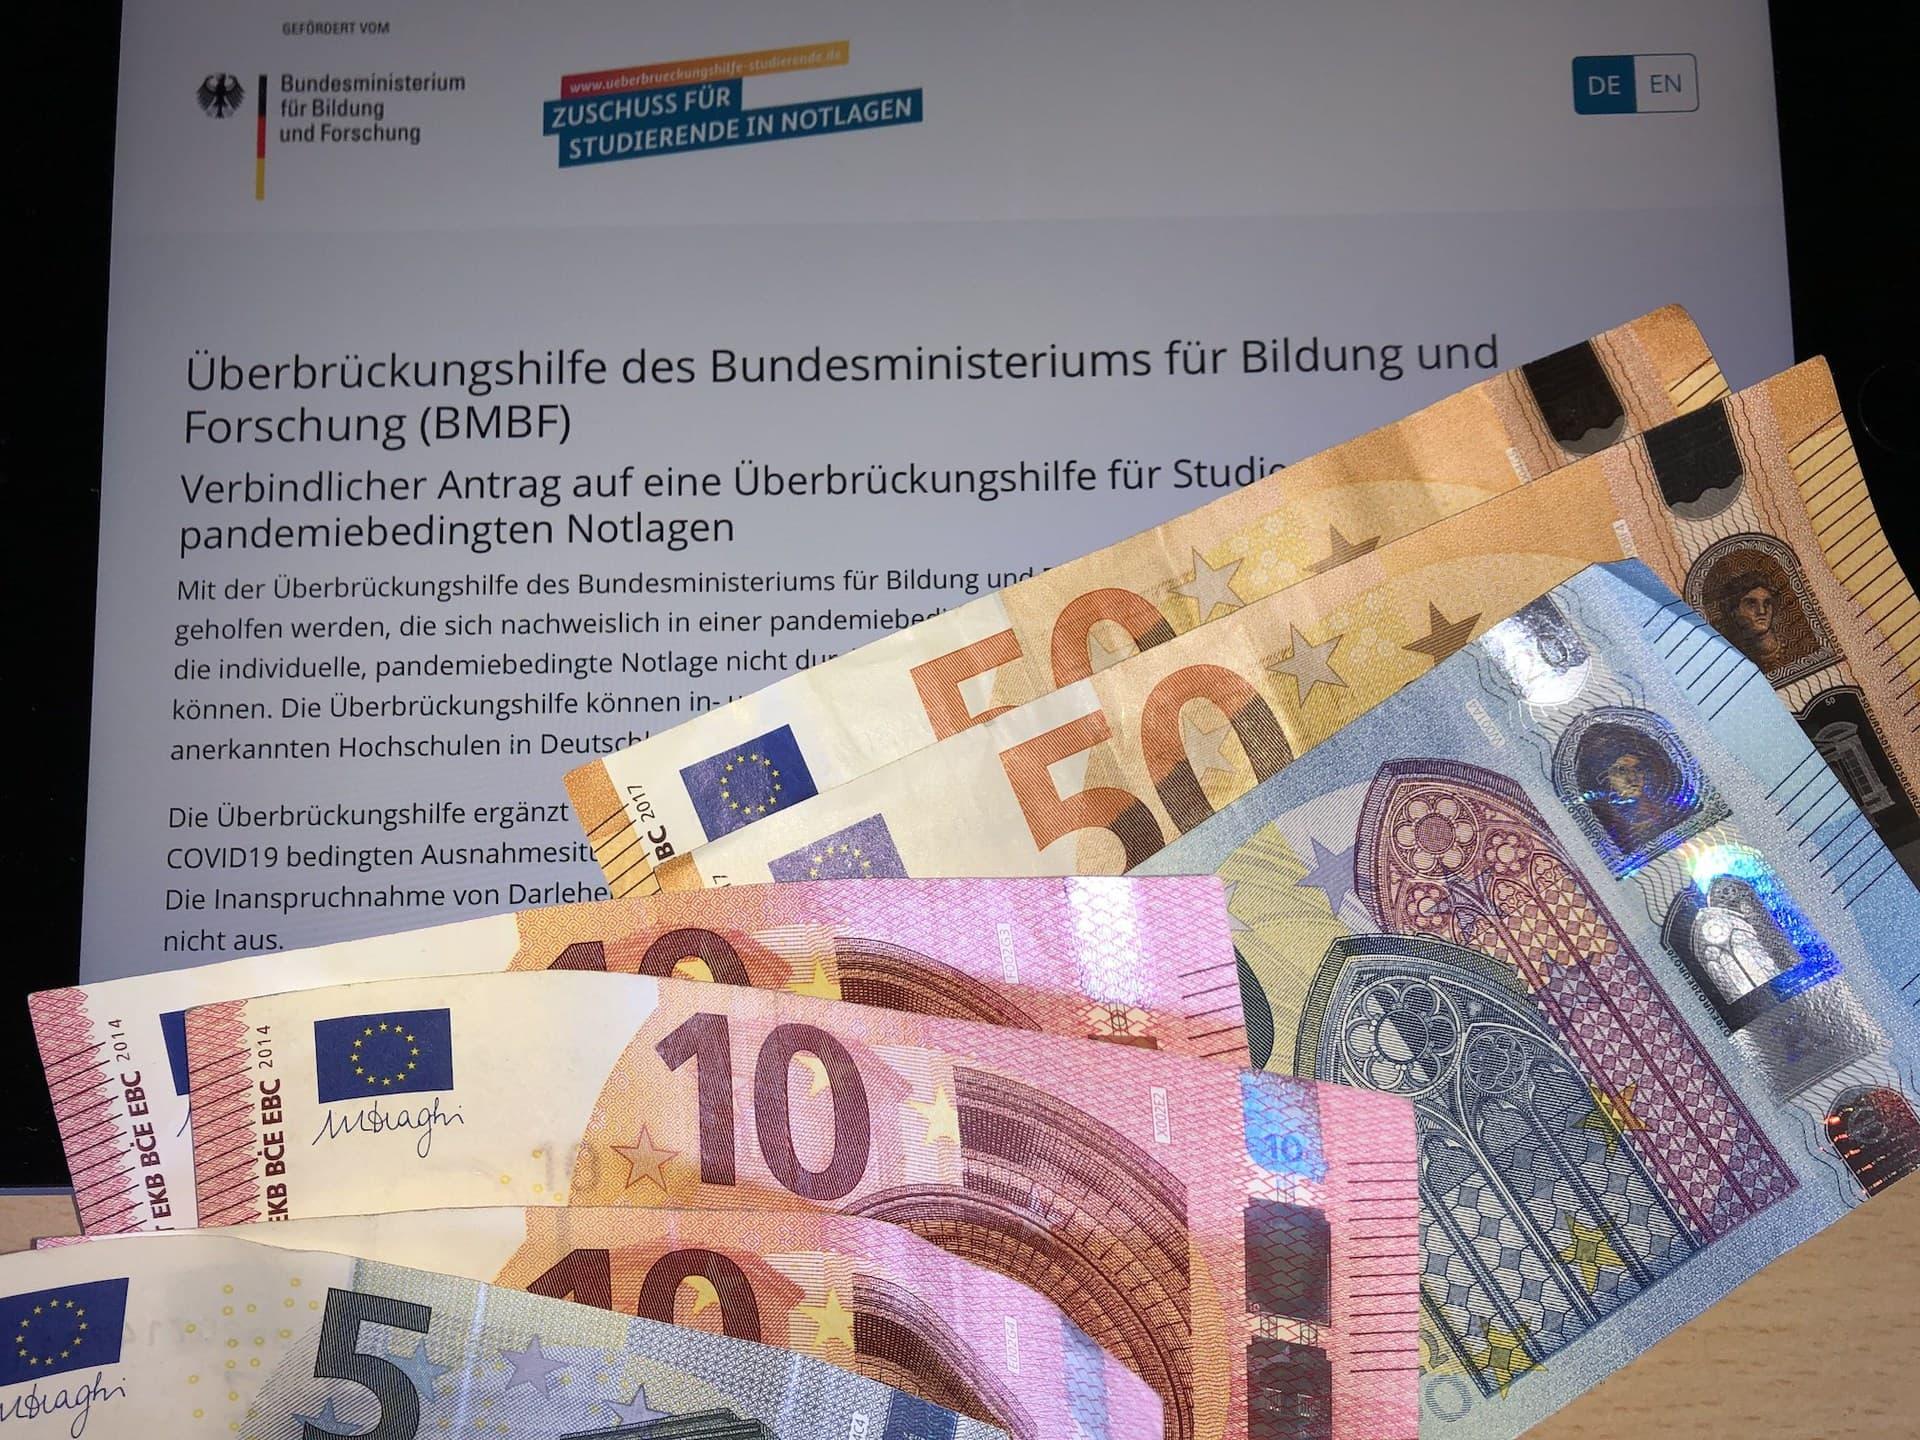 Überbrückungshilfe vom BMBF mit Euro Geldscheinen - (c) Christopher Bohlens